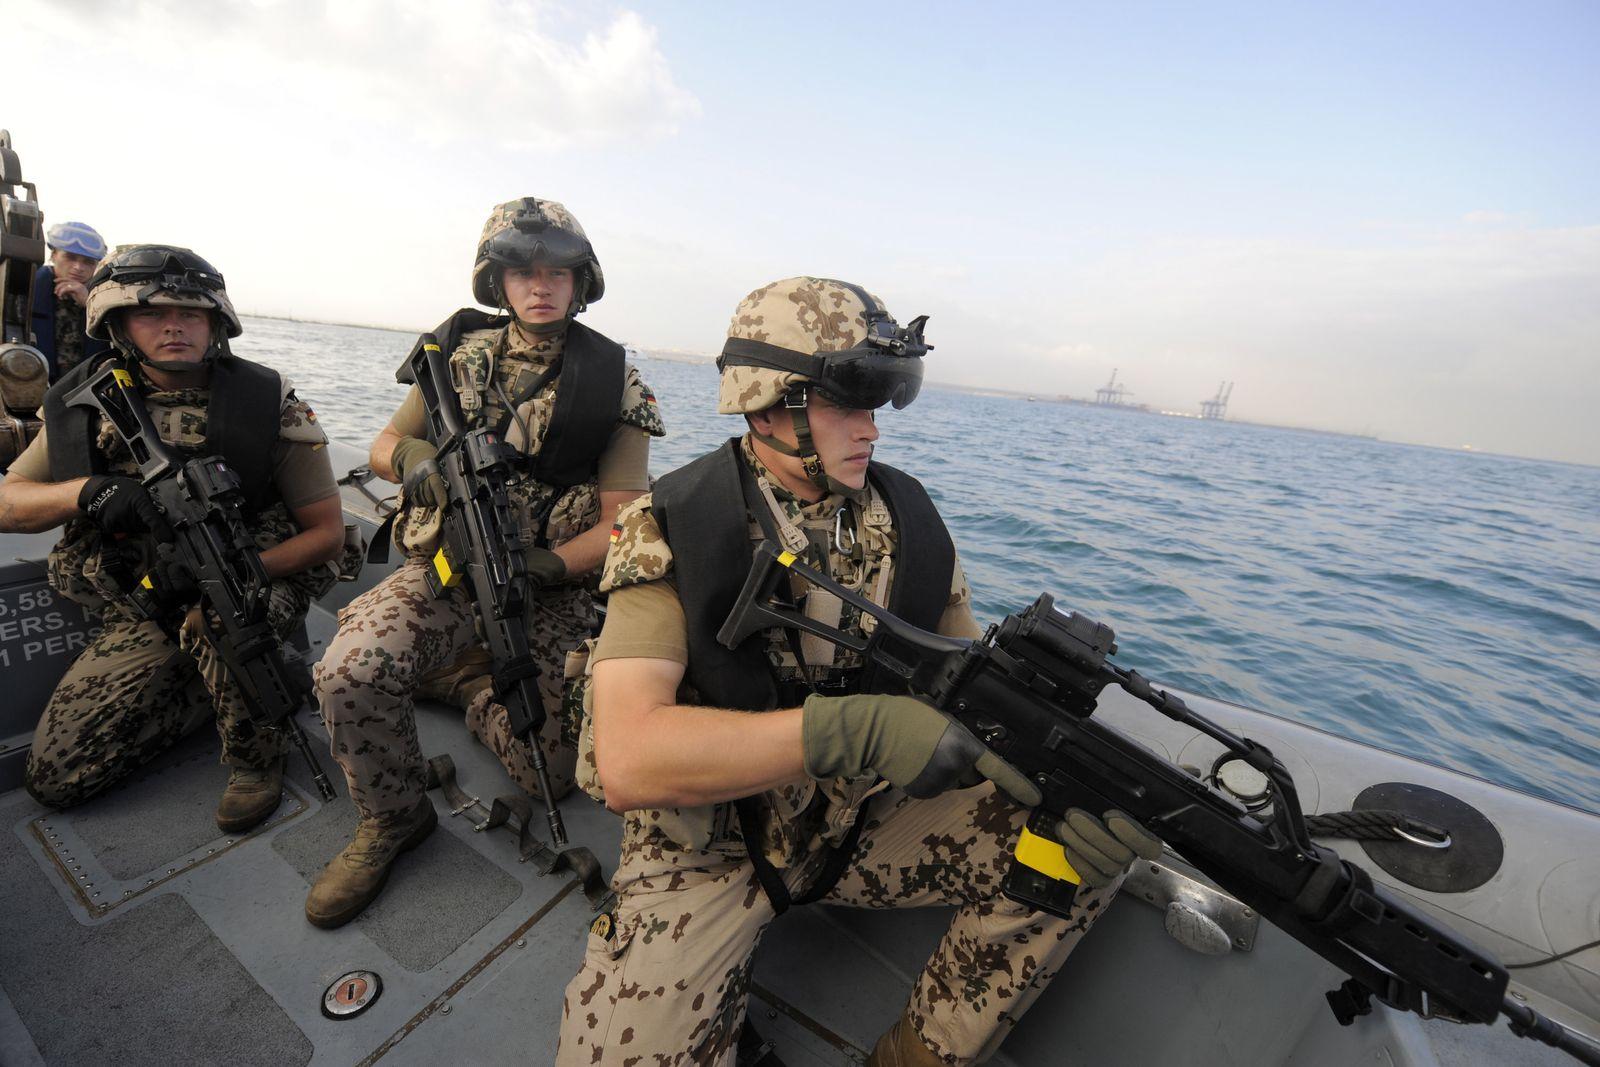 NICHT VERWENDEN Bundeswehr / Somalia / Piraten